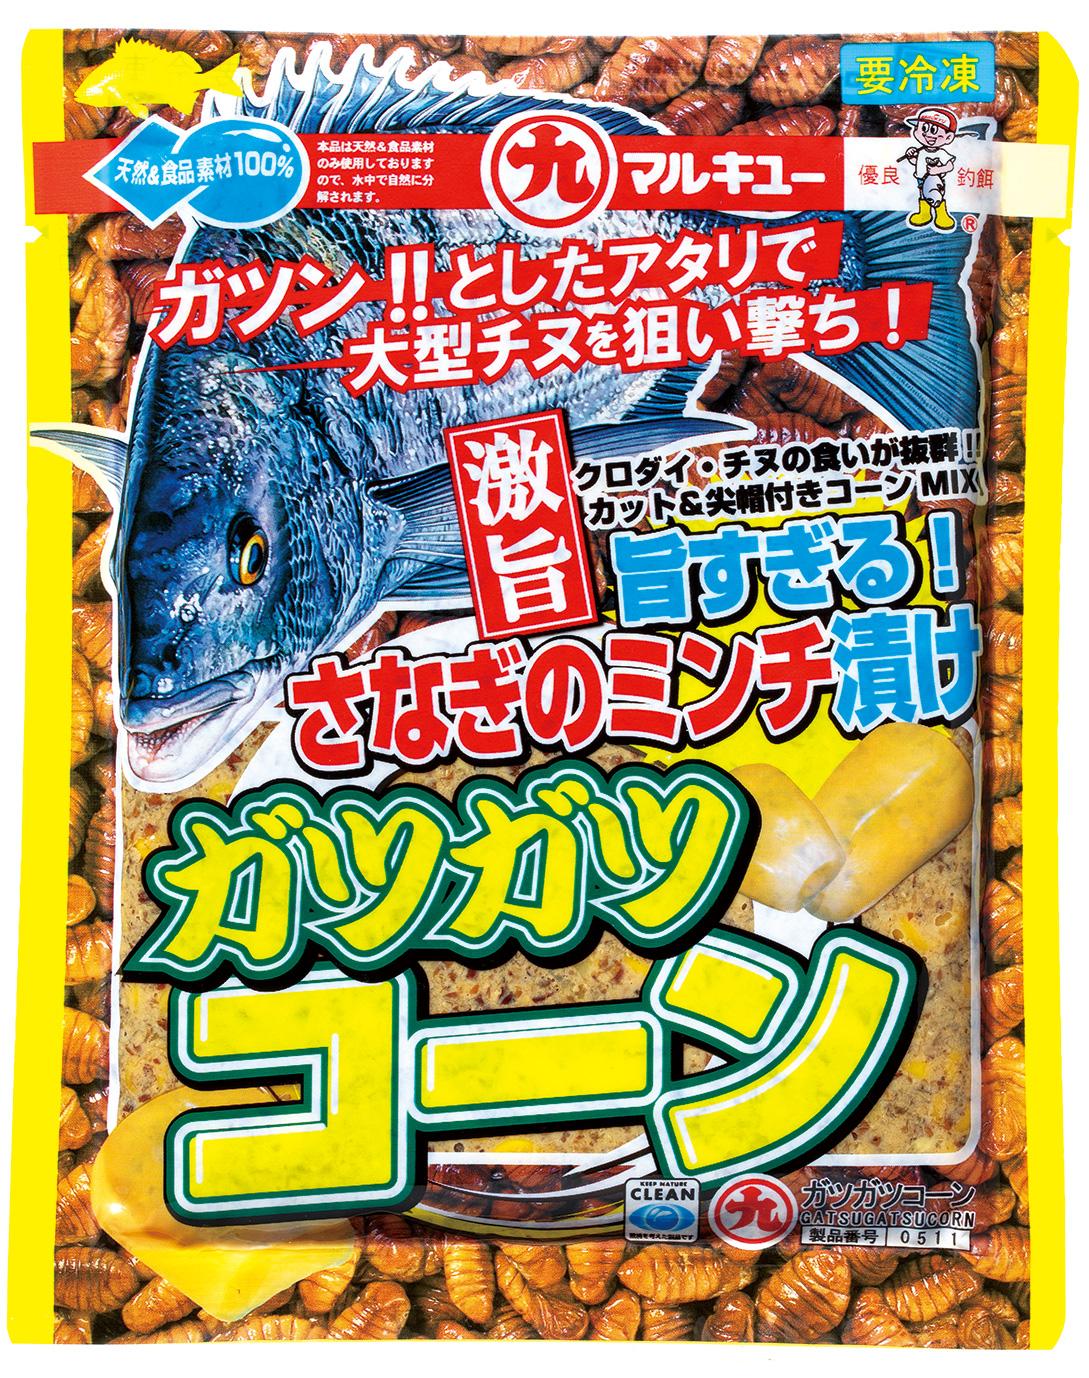 クロダイ・チヌ釣りのくわせエサ  冷凍エサ(刺し餌) マルキュー ガツガツコーン